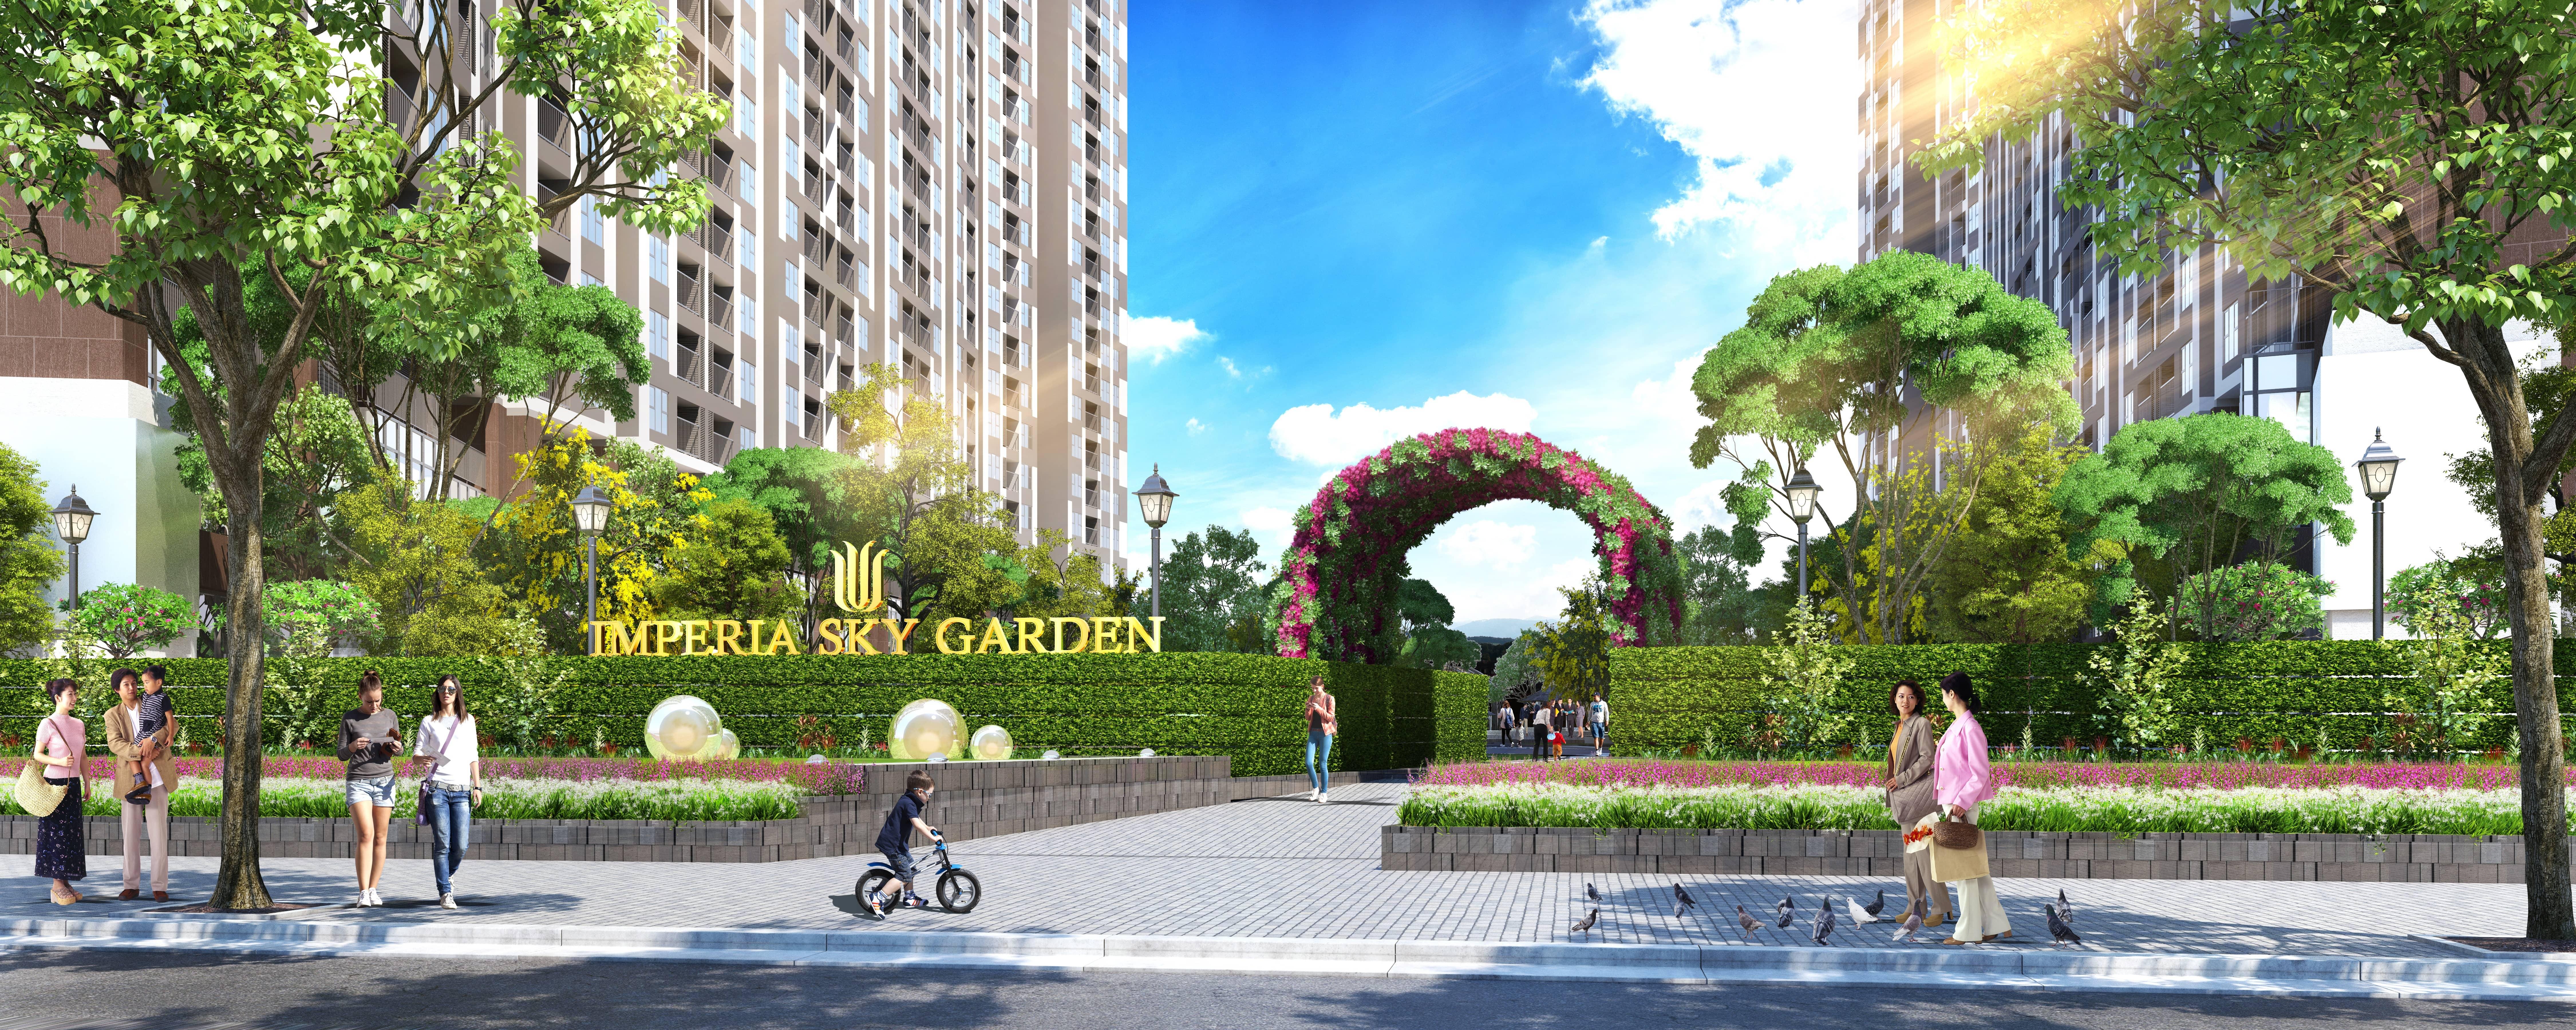 cong-vao-imperia-sky-garden-min